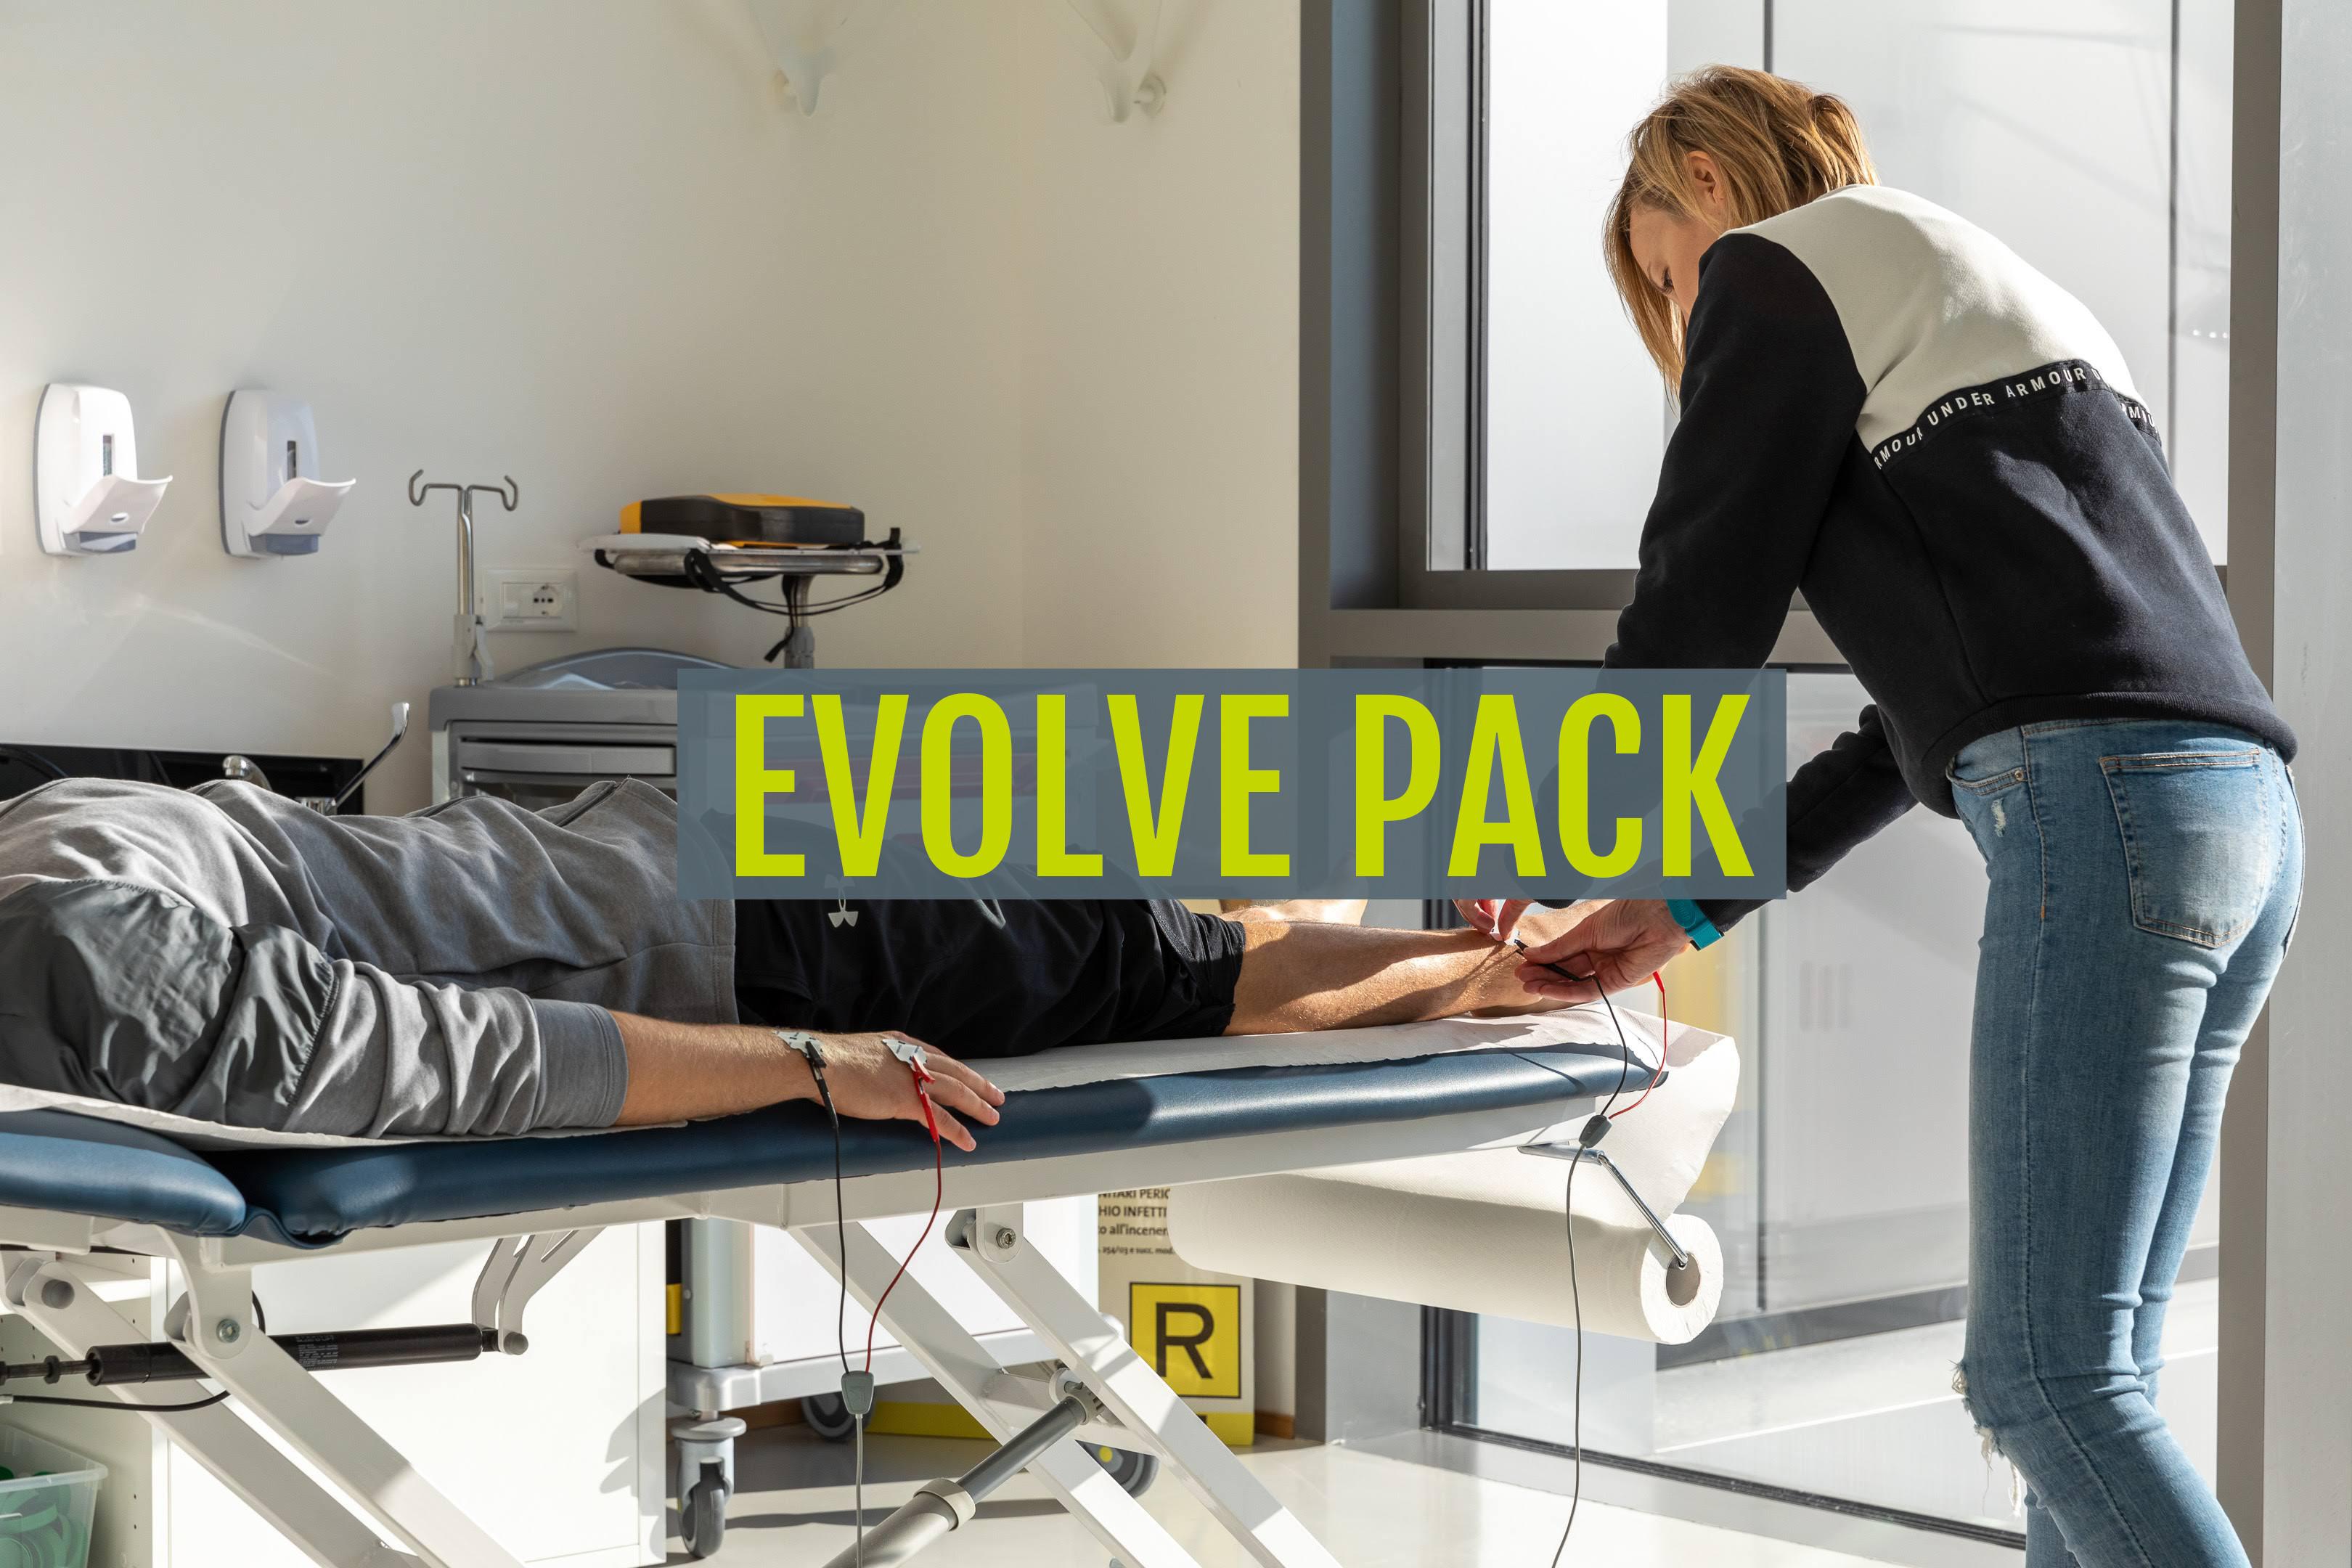 Golf - Evolve Pack